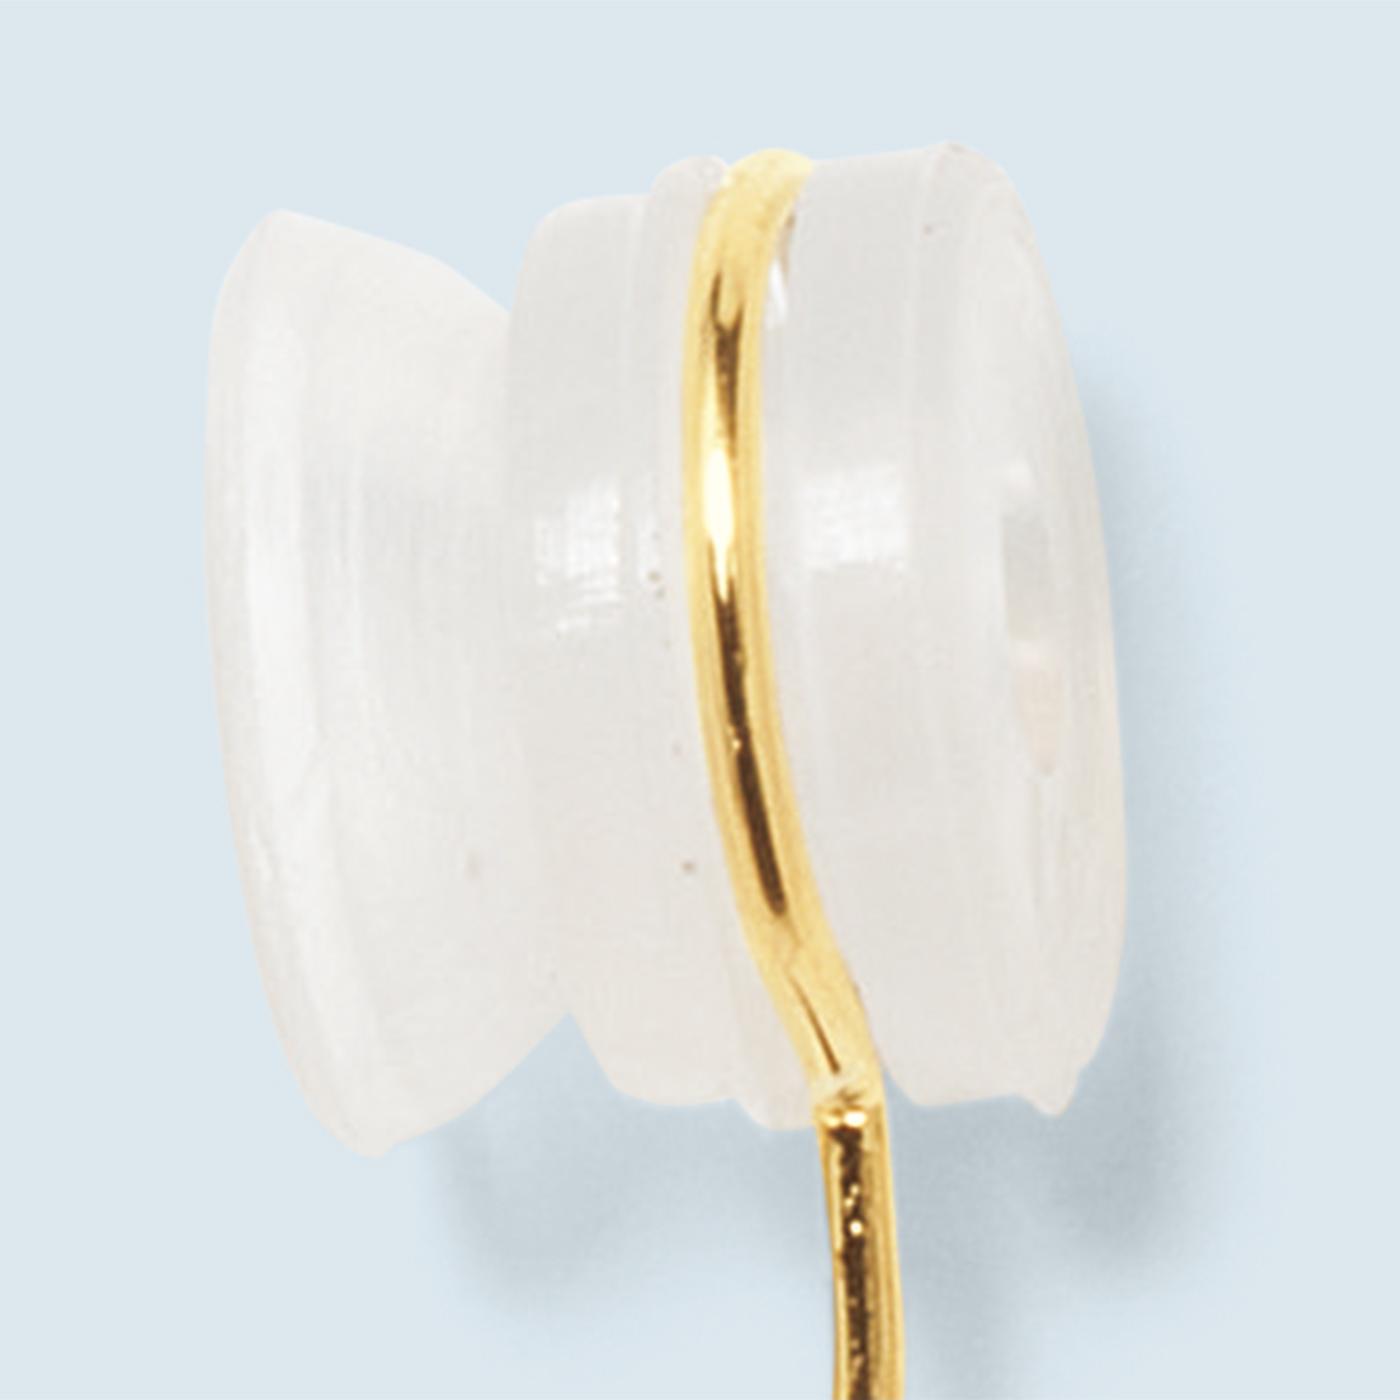 吸盤状のシリコーンゴムがやさしくフィット。